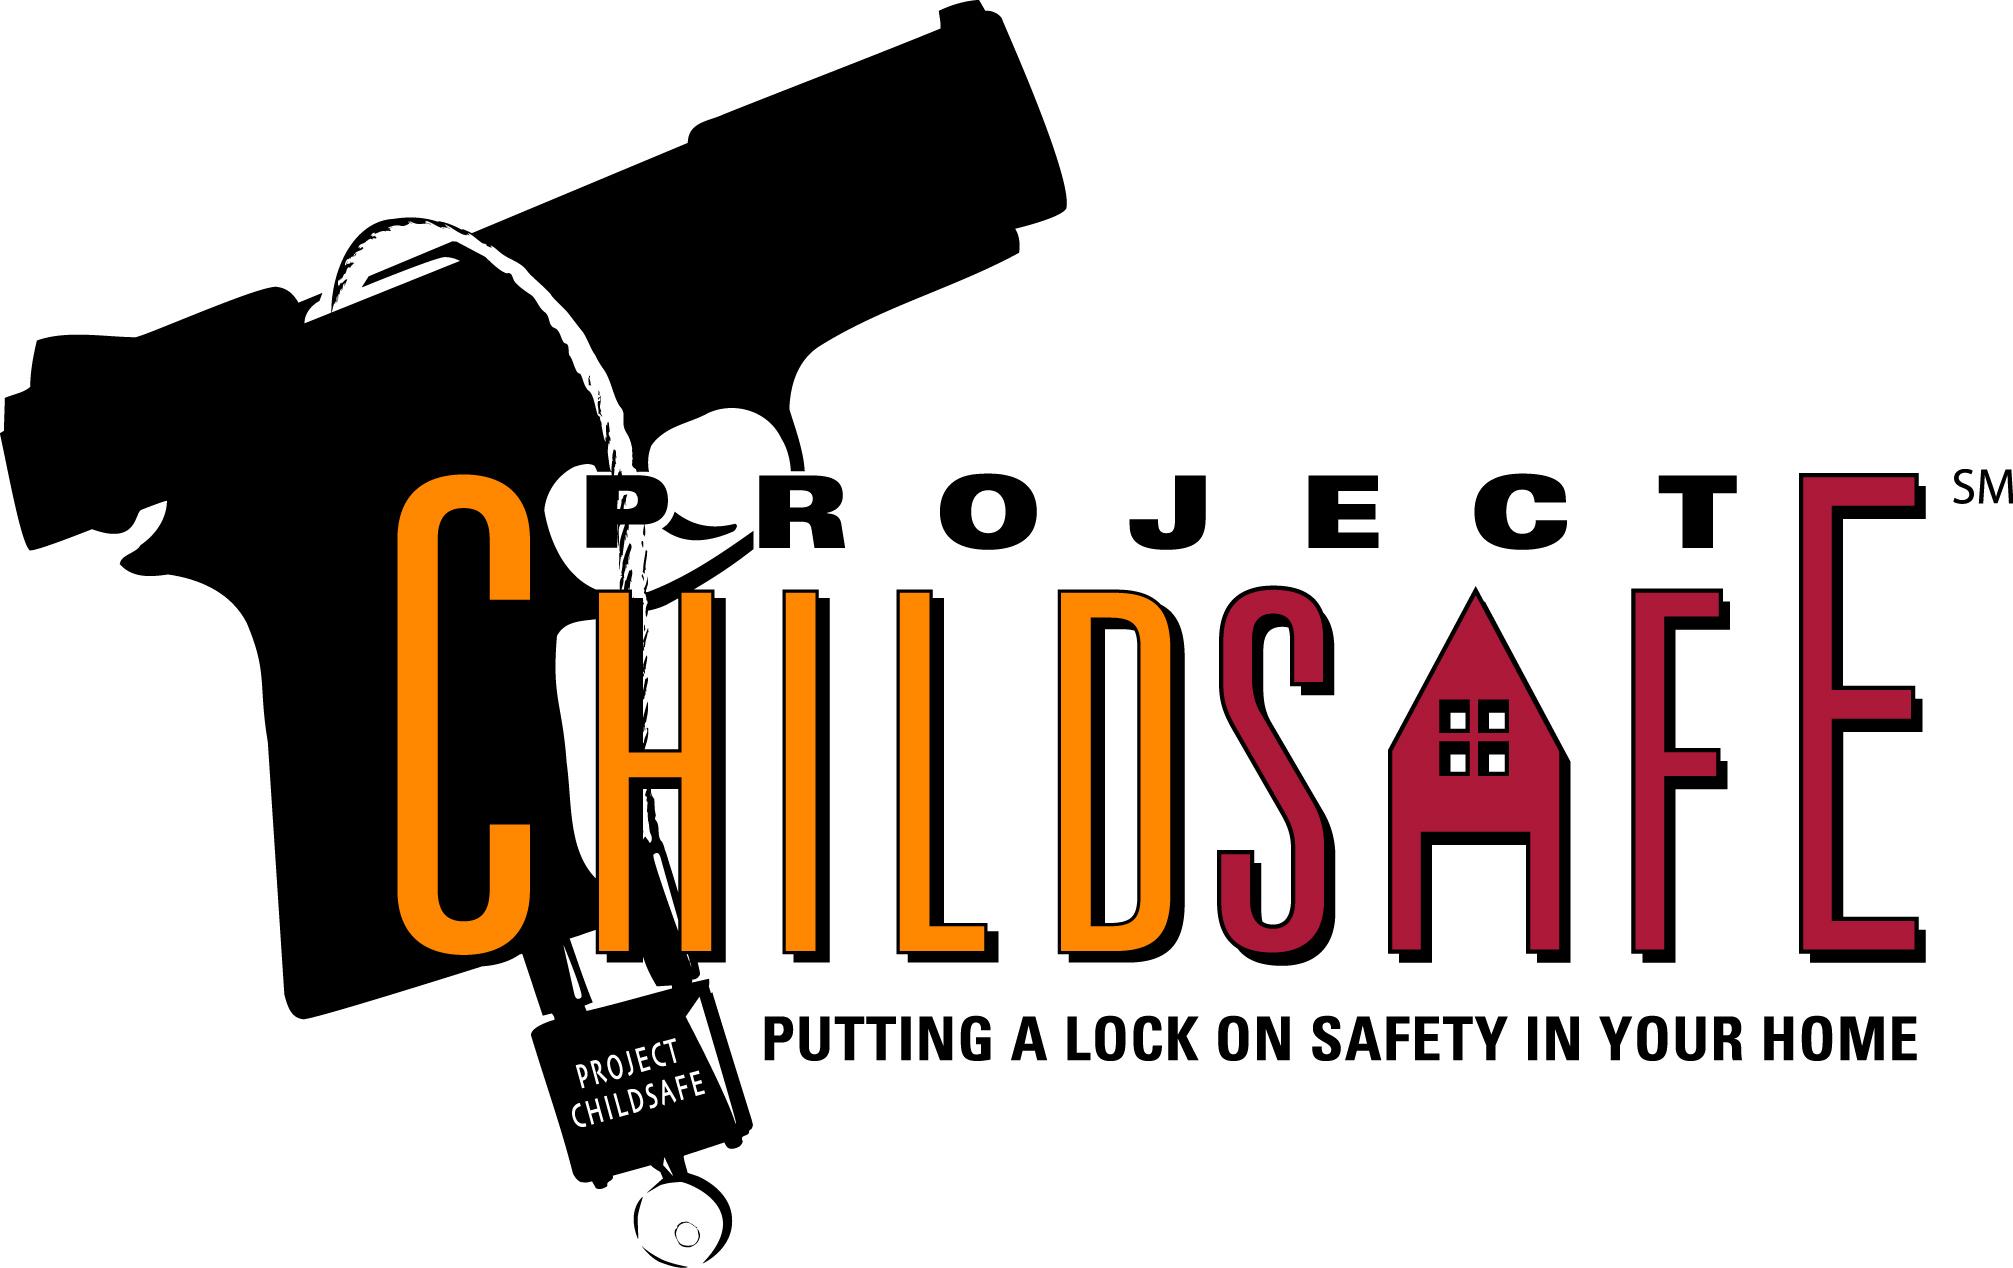 ChildSafe_3color.6801843(1)